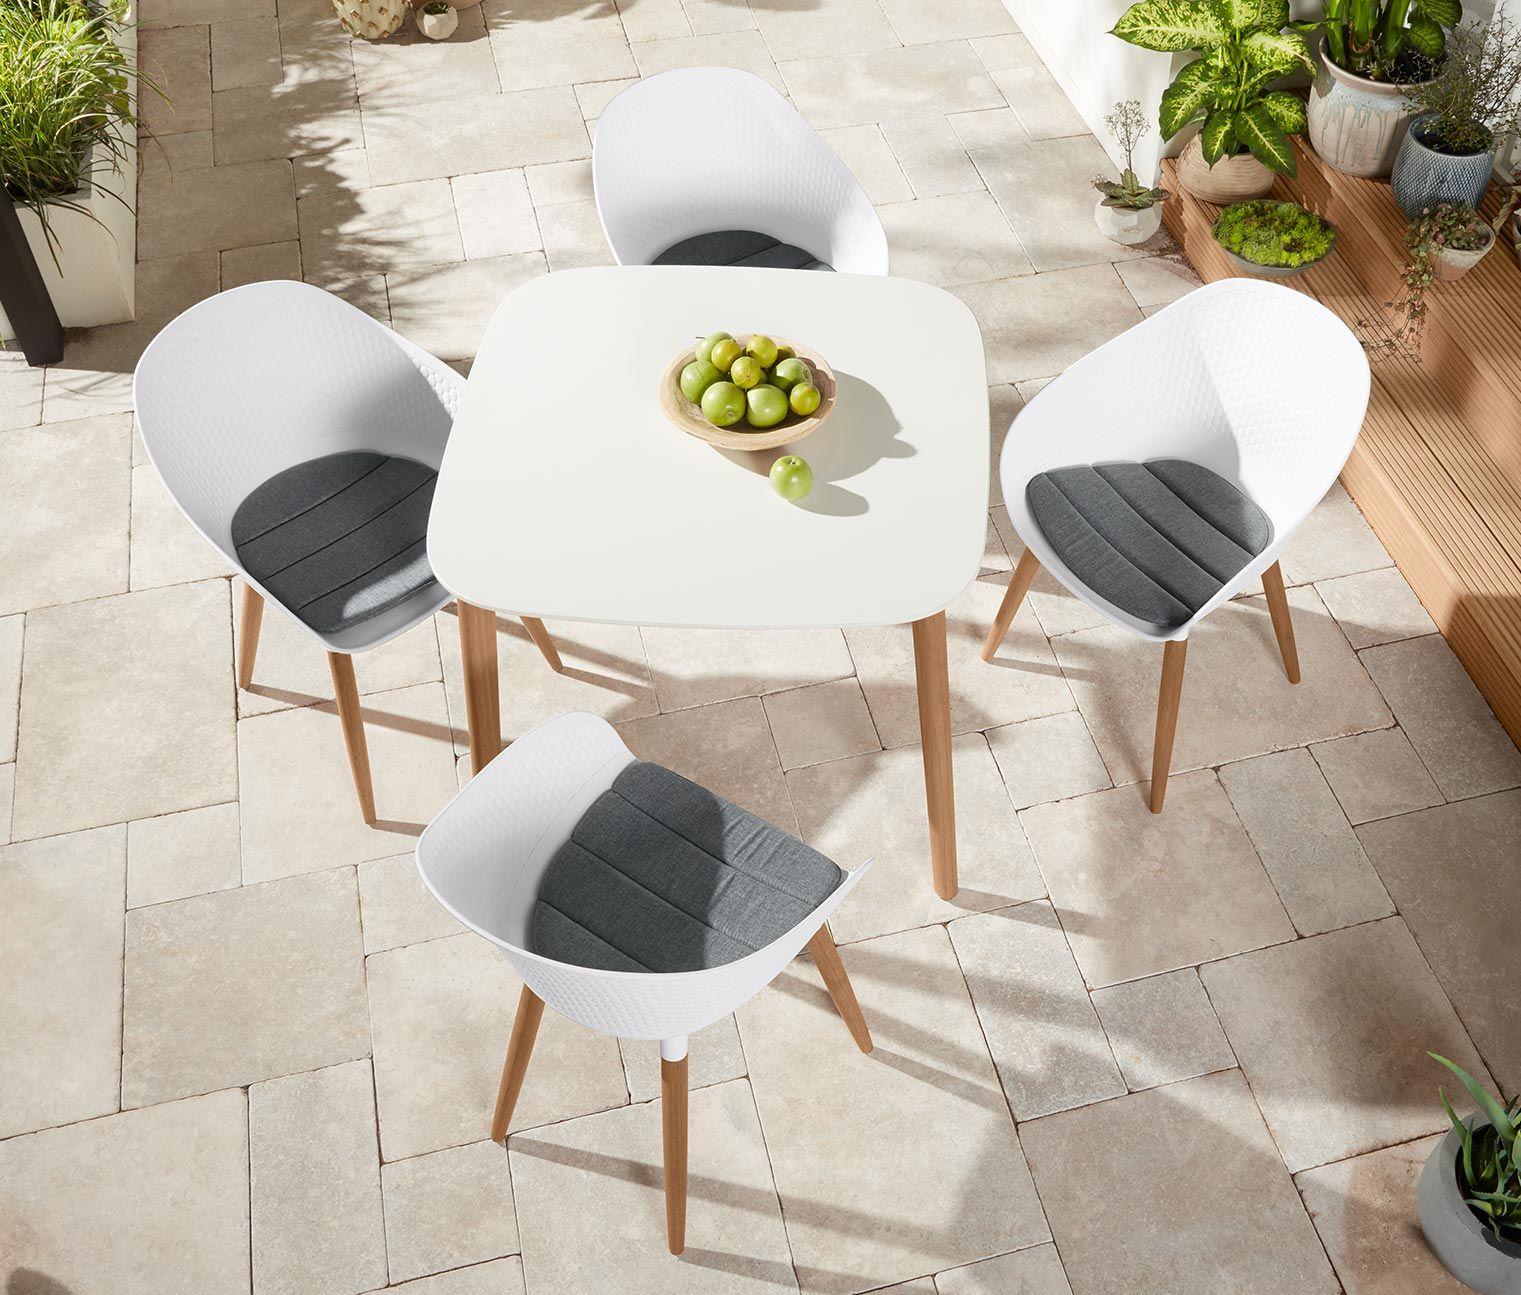 Kulteri Asztal Fa Labakkal Feher Gartentisch Stuhle Und